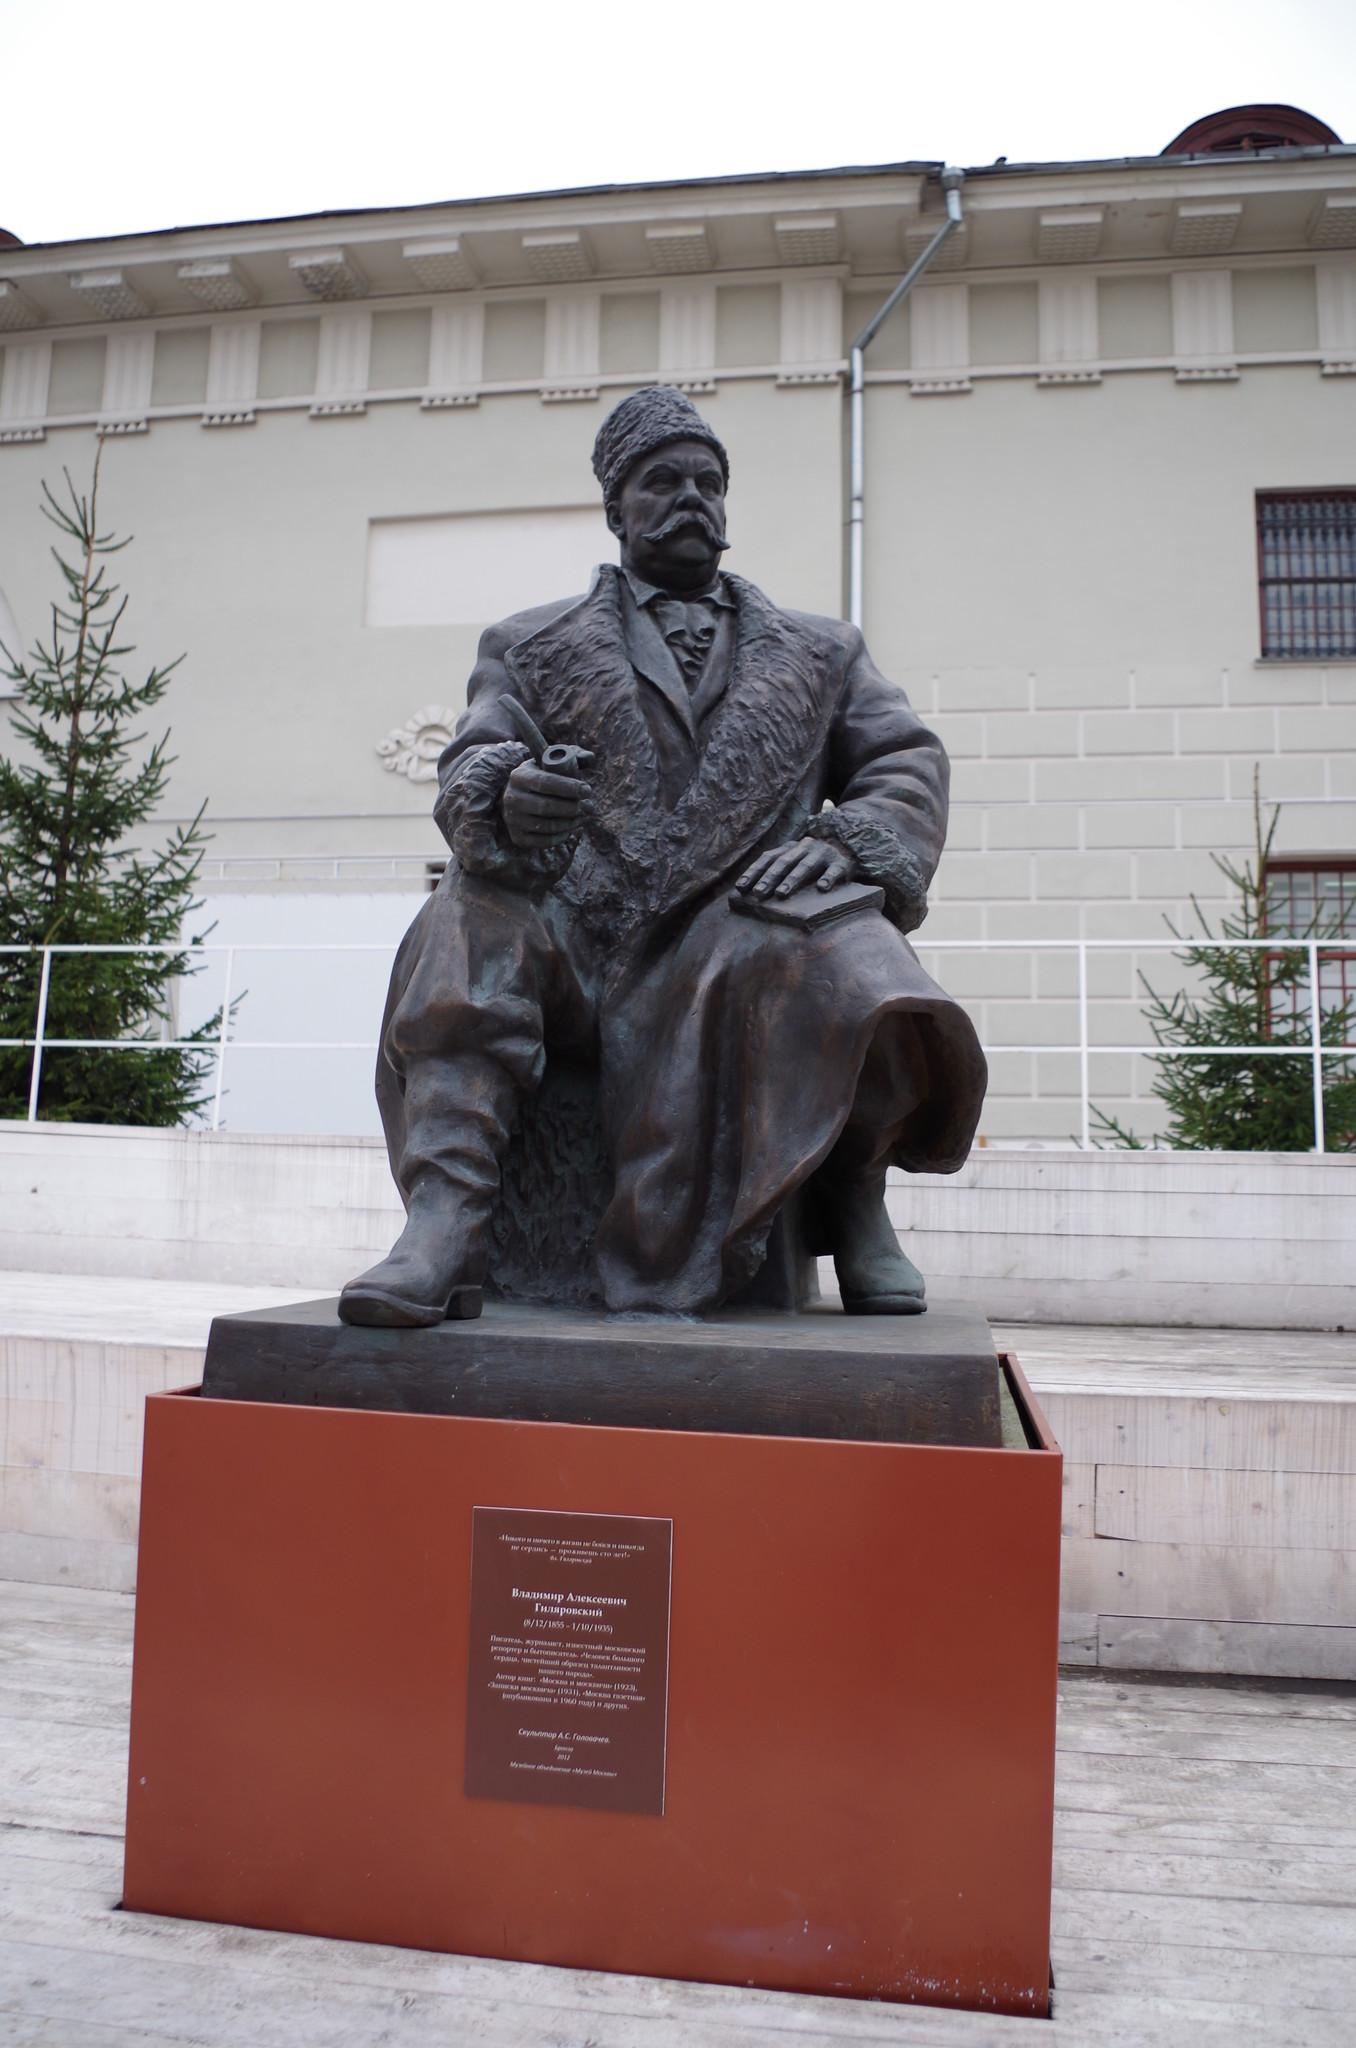 Памятник Владимиру Алексеевичу Гиляровскому. Скульптор А.С. Головачев, бронза, 2012